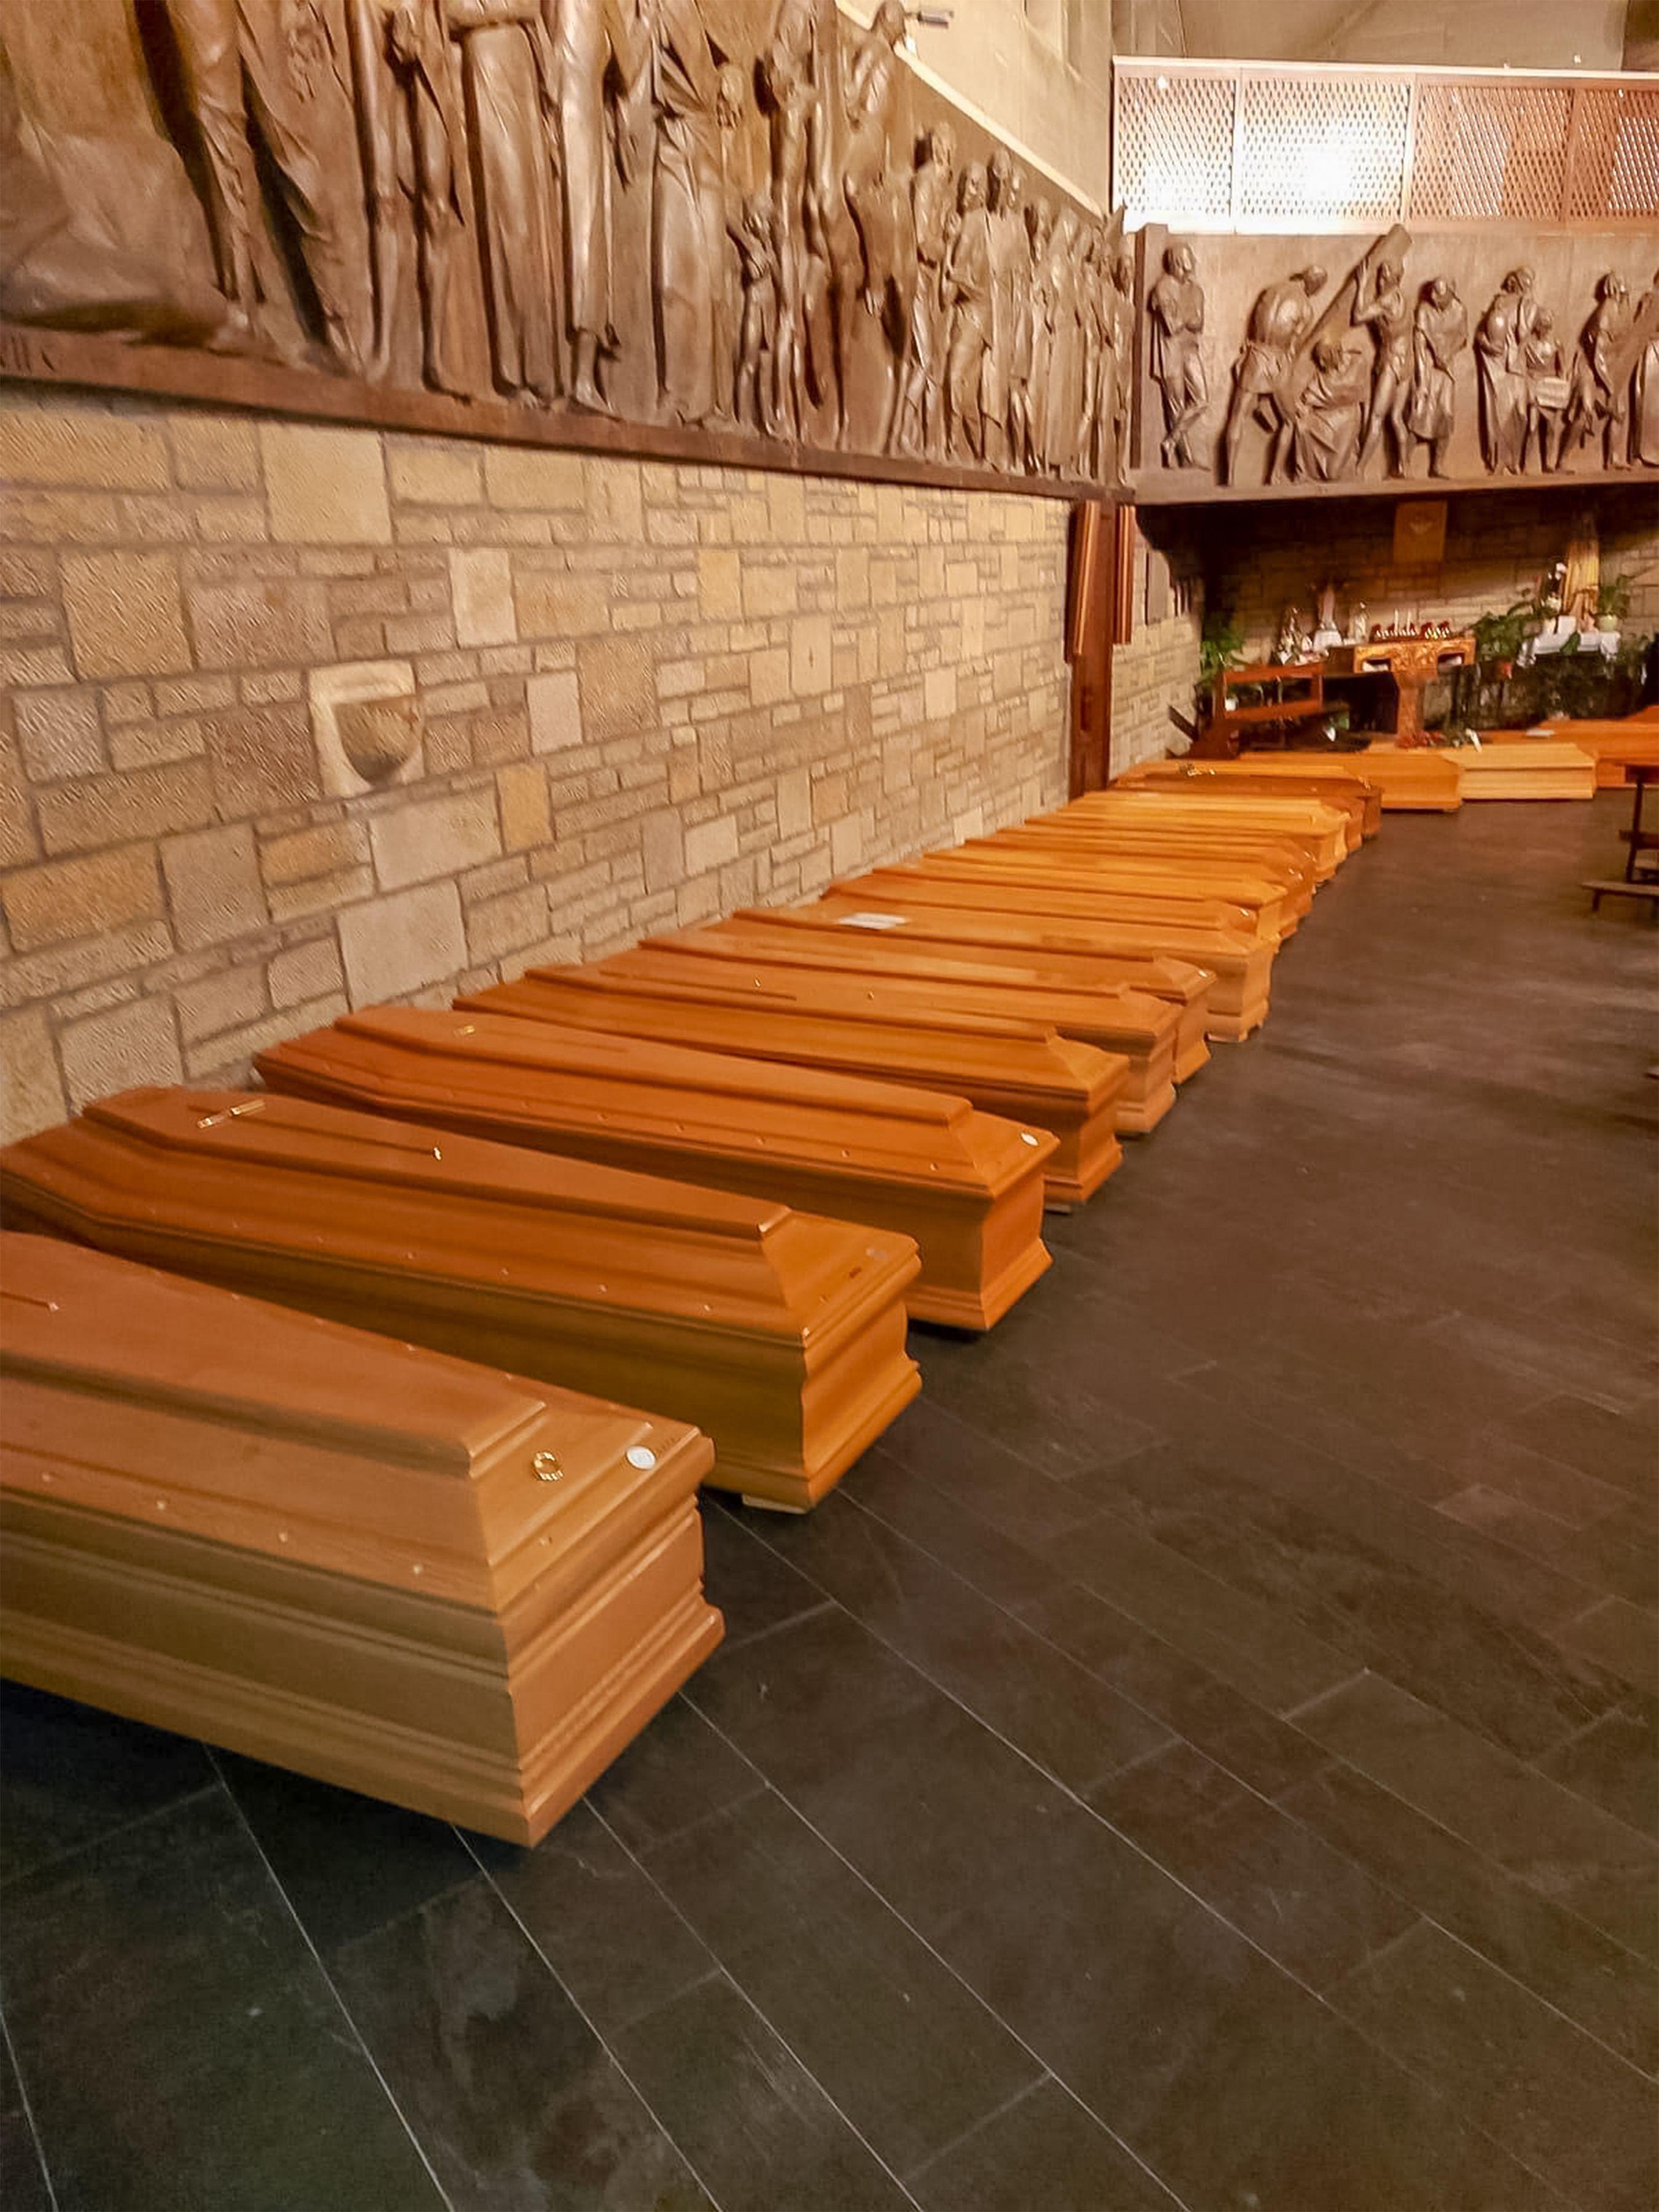 義大利新冠肺炎死亡人數超過中國公布人數,圖為義大利北部柏加莫一家殯儀館擺放的棺木。(Getty Imagees)